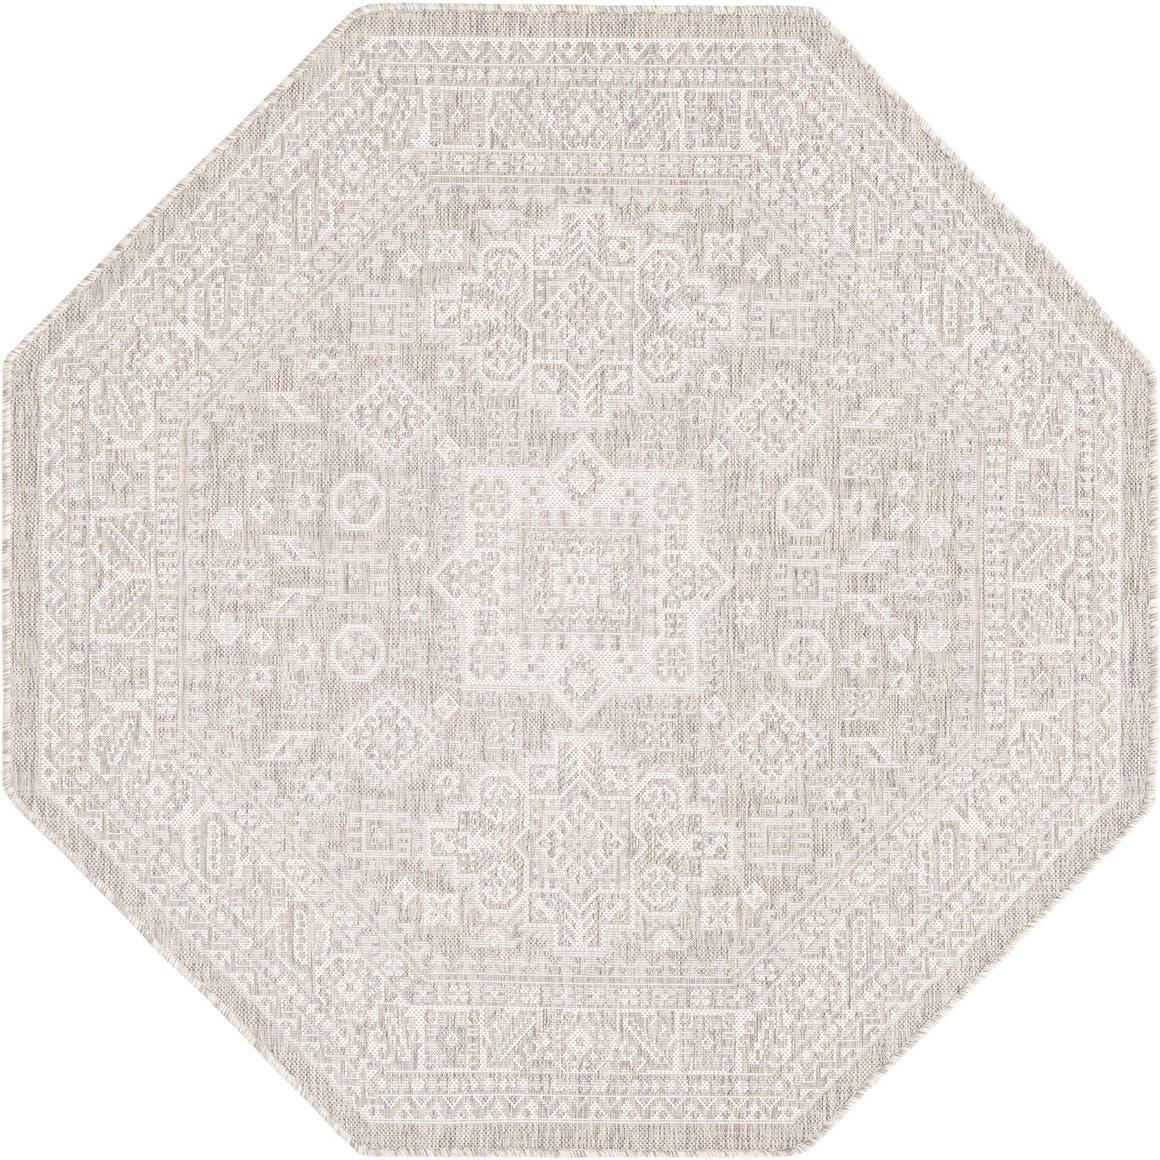 5' 3 x 5' 3 Outdoor Aztec Octagon Rug main image